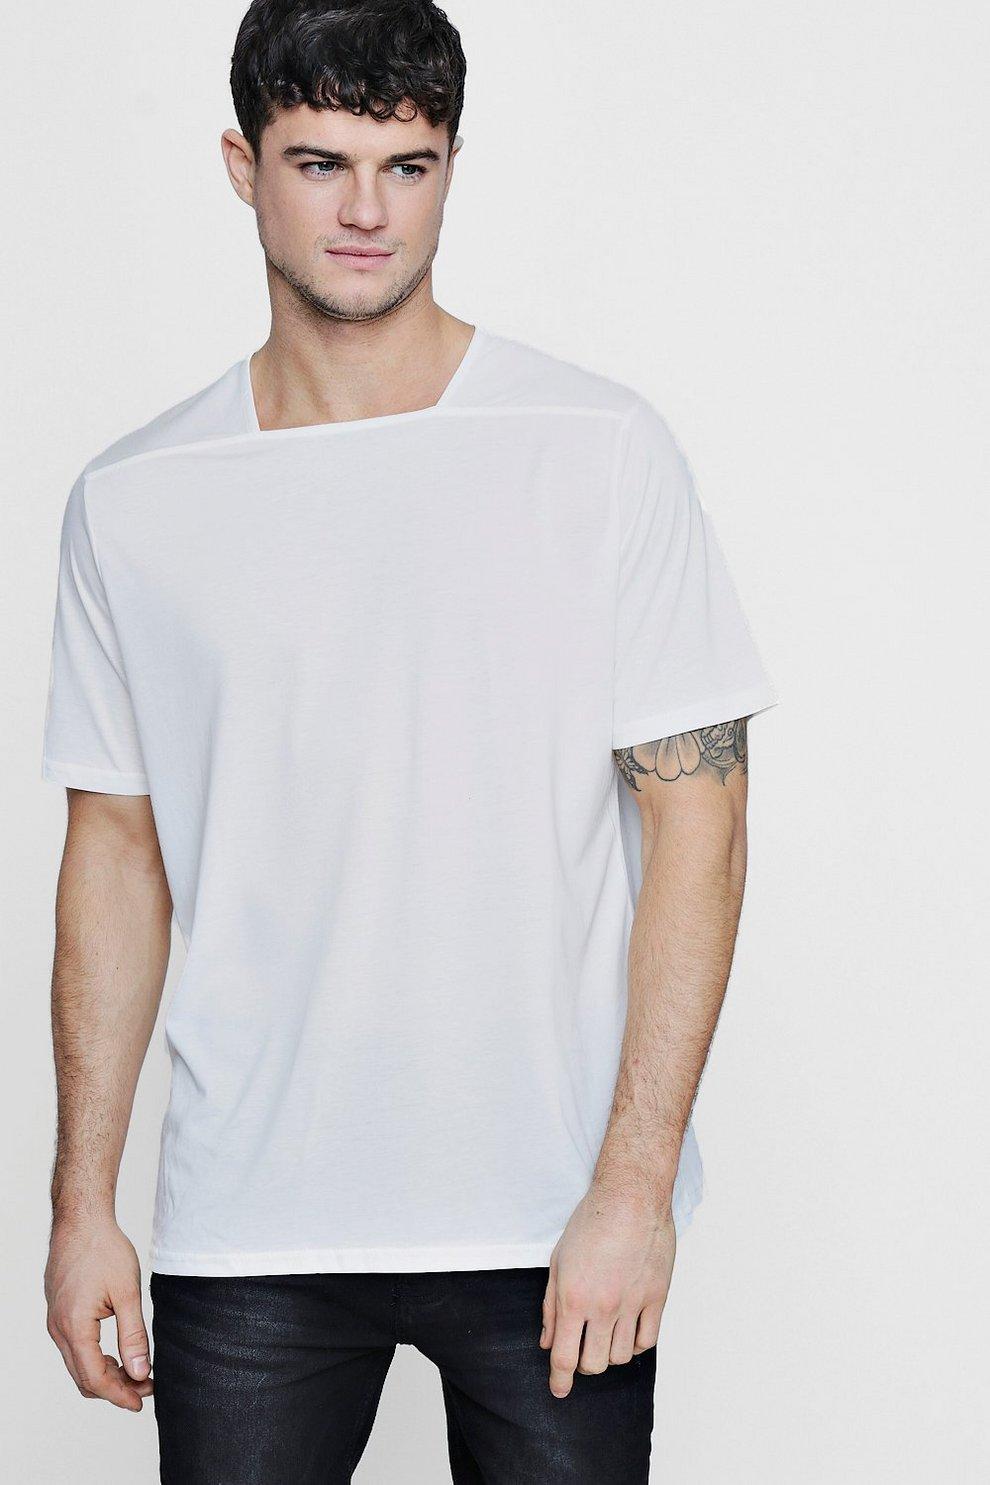 Con Camisetas Sin Cuadrado Escote Cuello fy7gb6Y